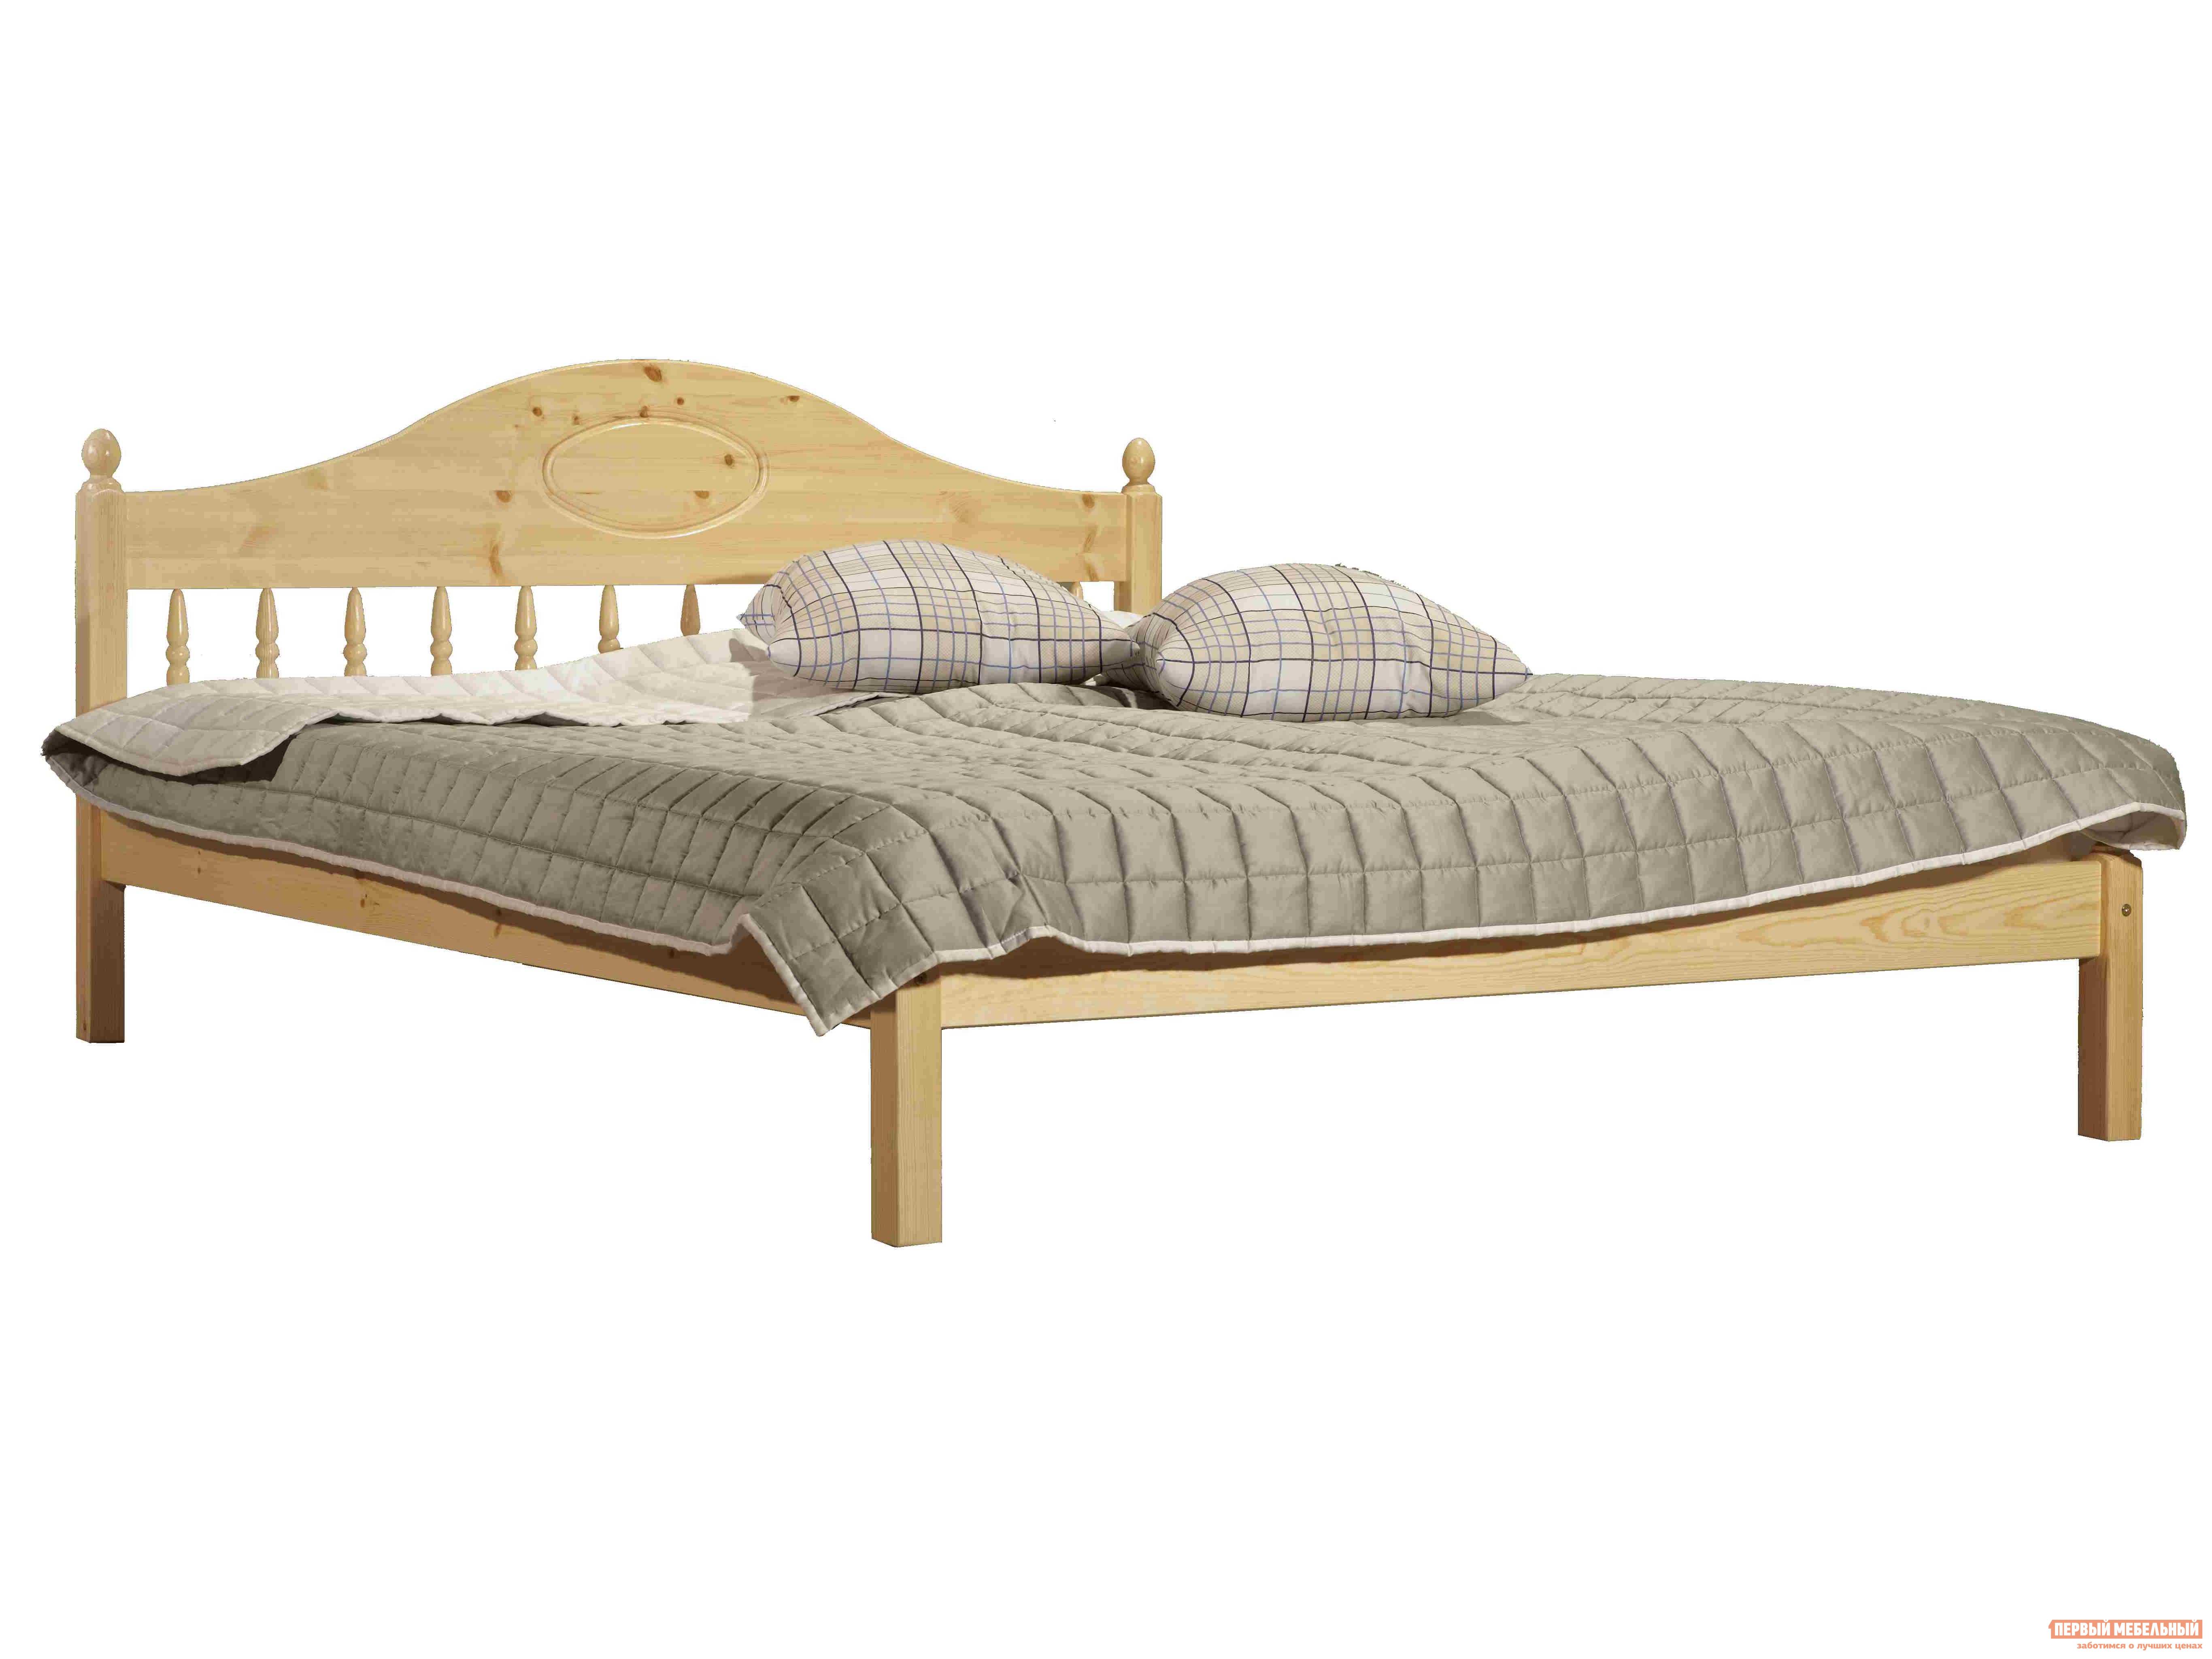 Кровать-полуторка Timberica Фрея-1 интерьерная кровать фрея